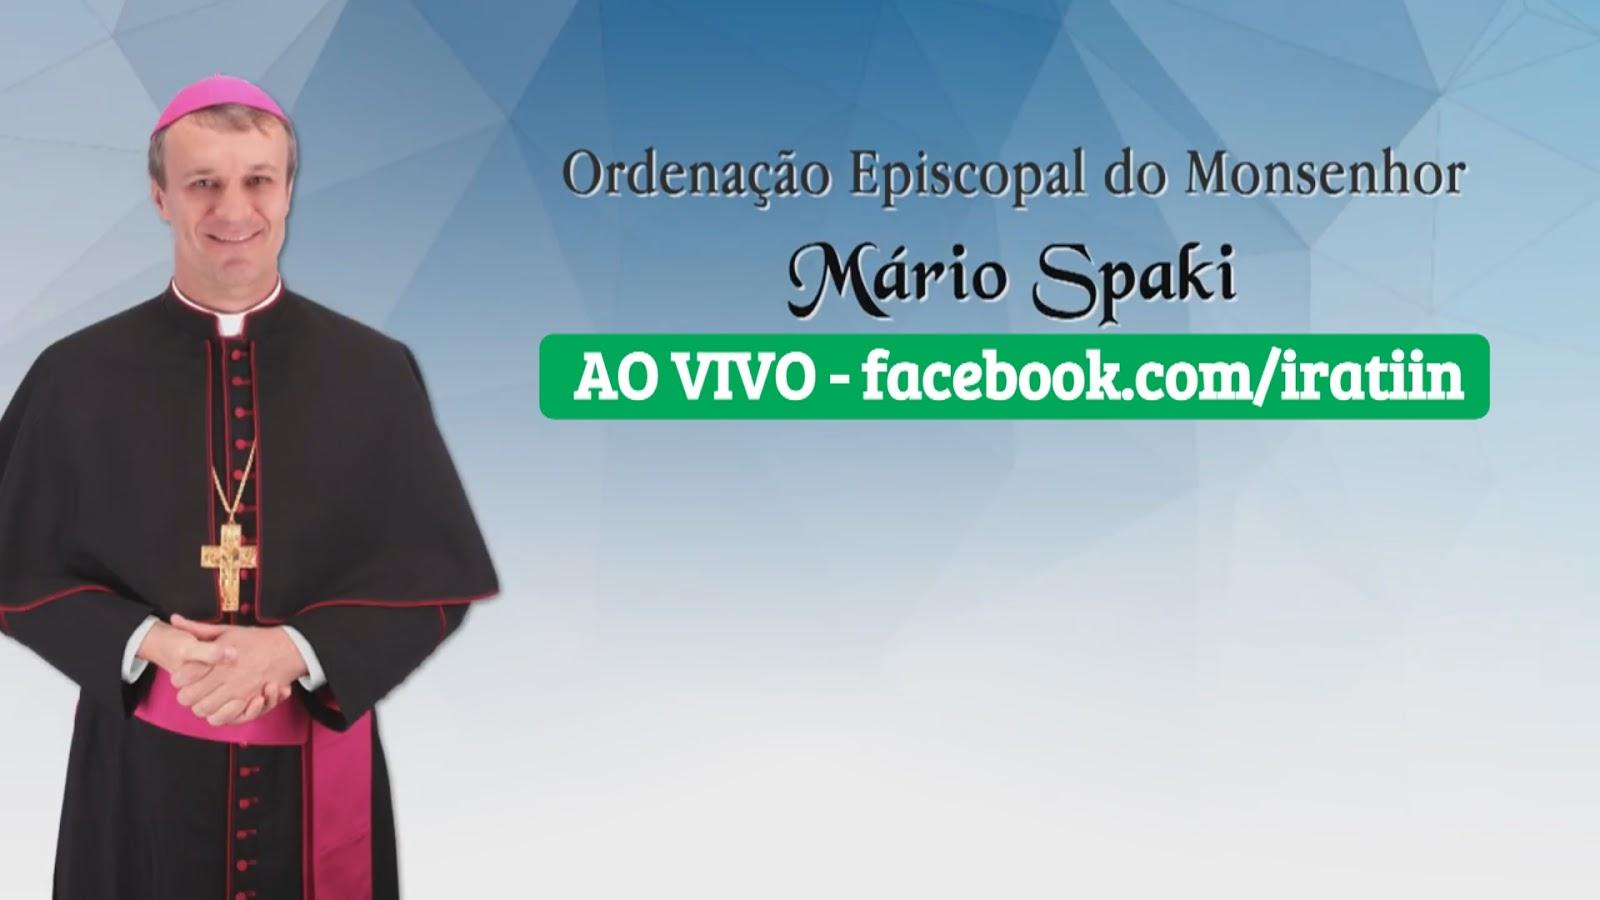 Ordenação Episcopal - Mário Spaki